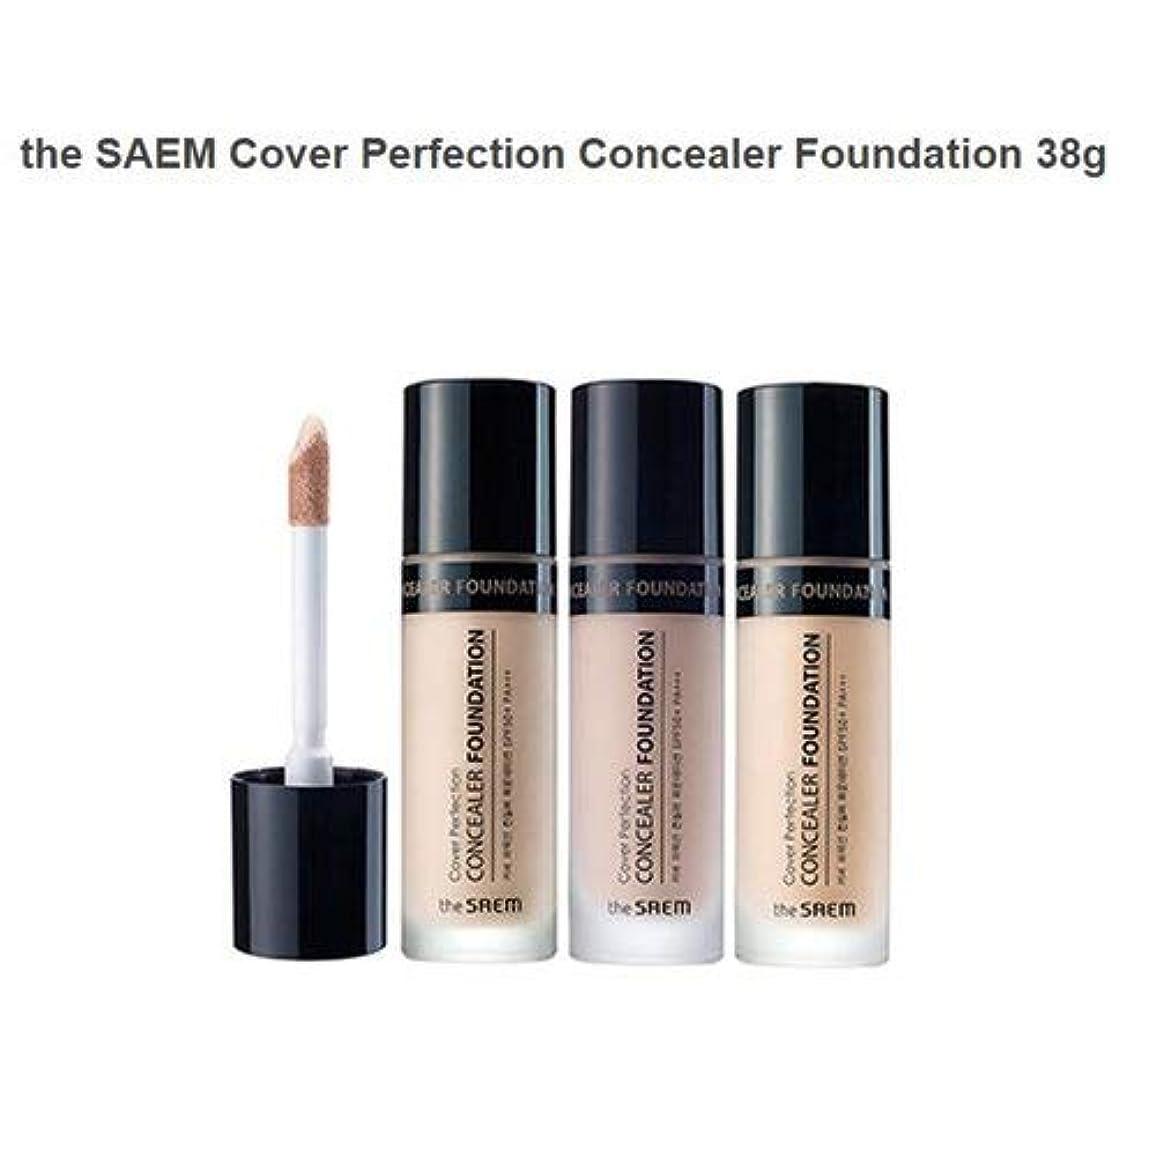 少しサイドボードすべて【The Saem】カバーパーフェクションコンシーラーファンデーション Cover Perfection CONCEALER FOUNDATION 【SPF50+ PA+++】 ((ConclearFoundation)...